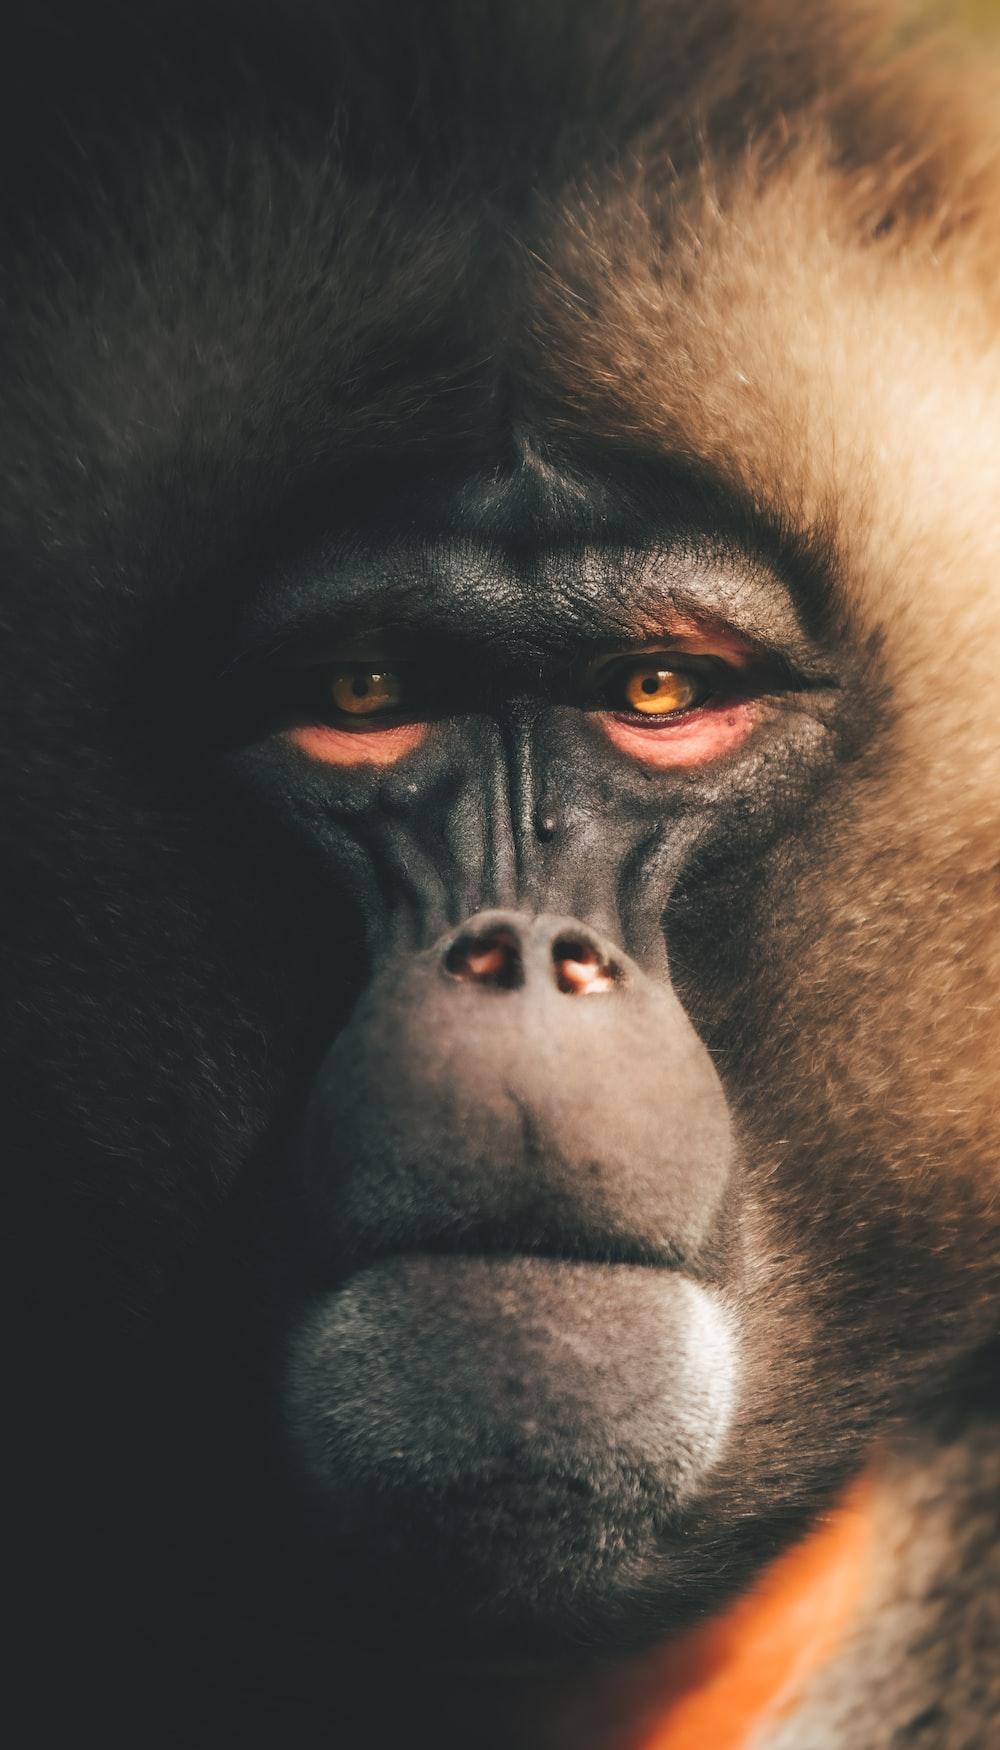 black and white gorilla face